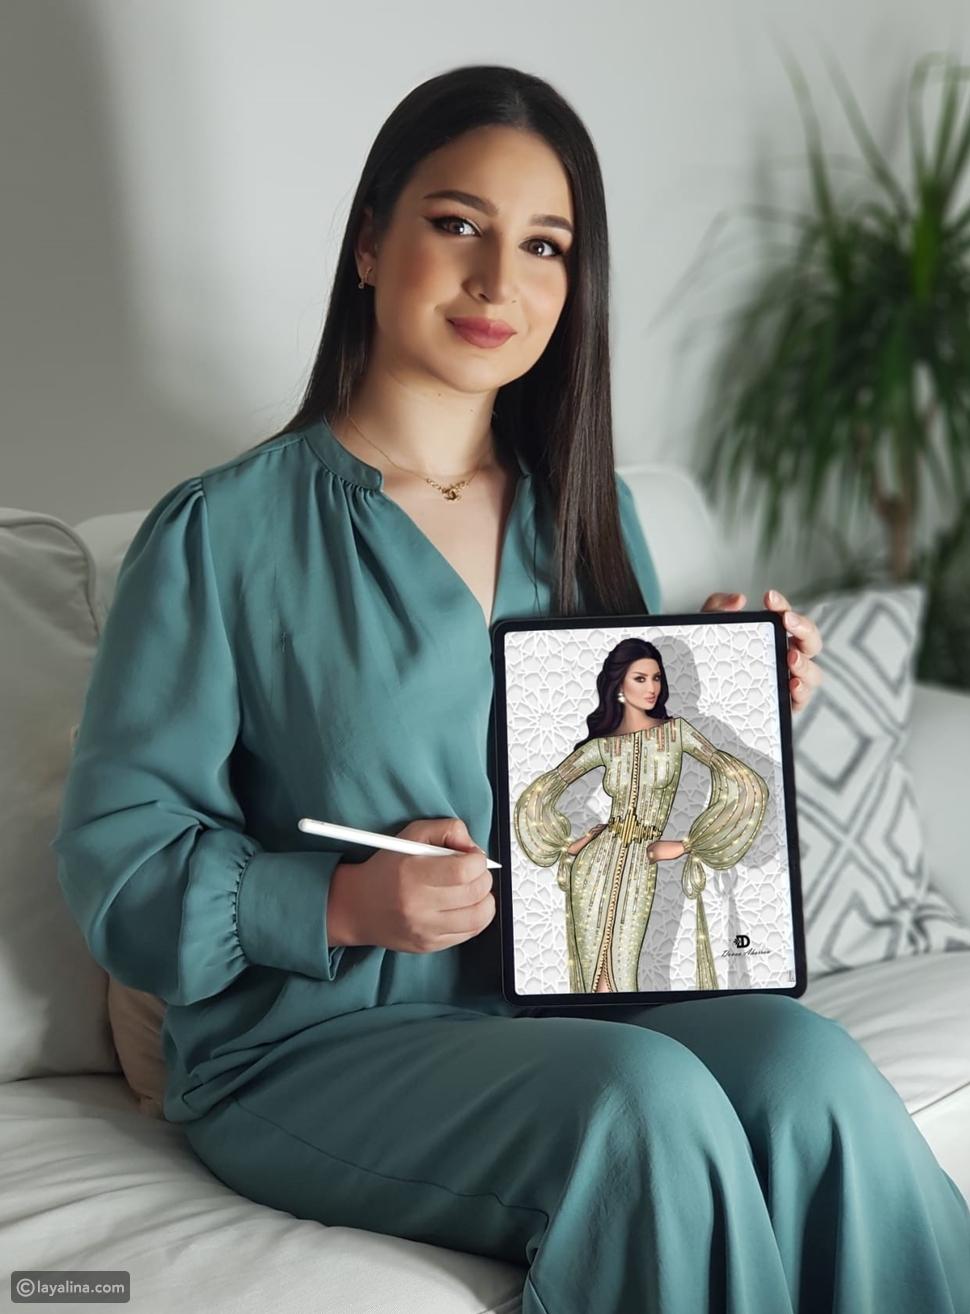 مصممة الأزياء سلمى بن عمر تحمل التصميم الفائز